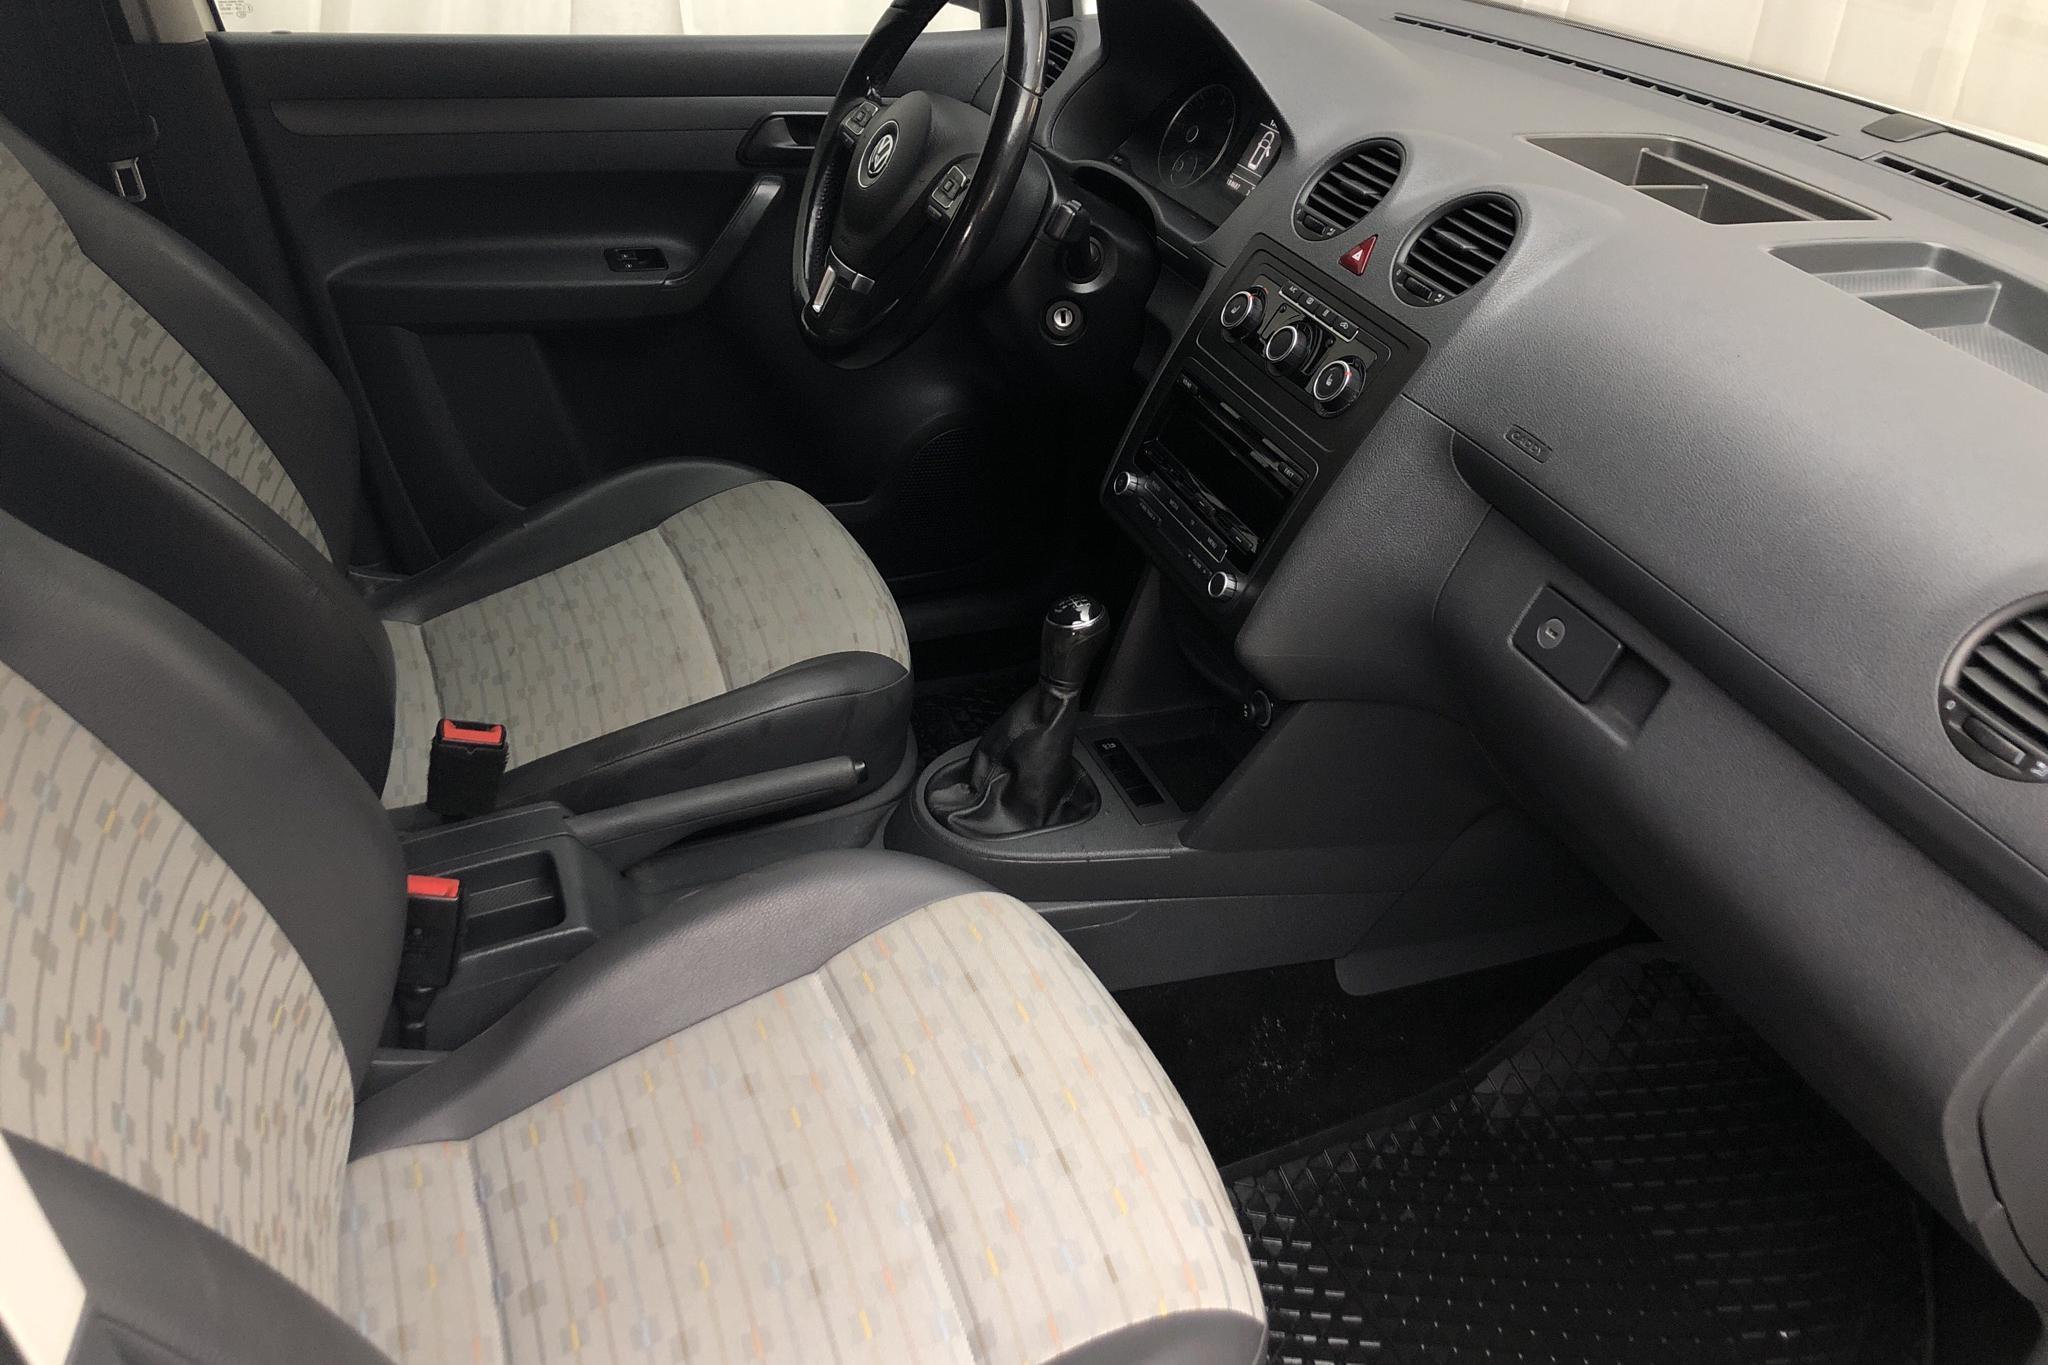 VW Caddy 1.6 TDI Skåp (75hk) - 184 680 km - Manual - white - 2014